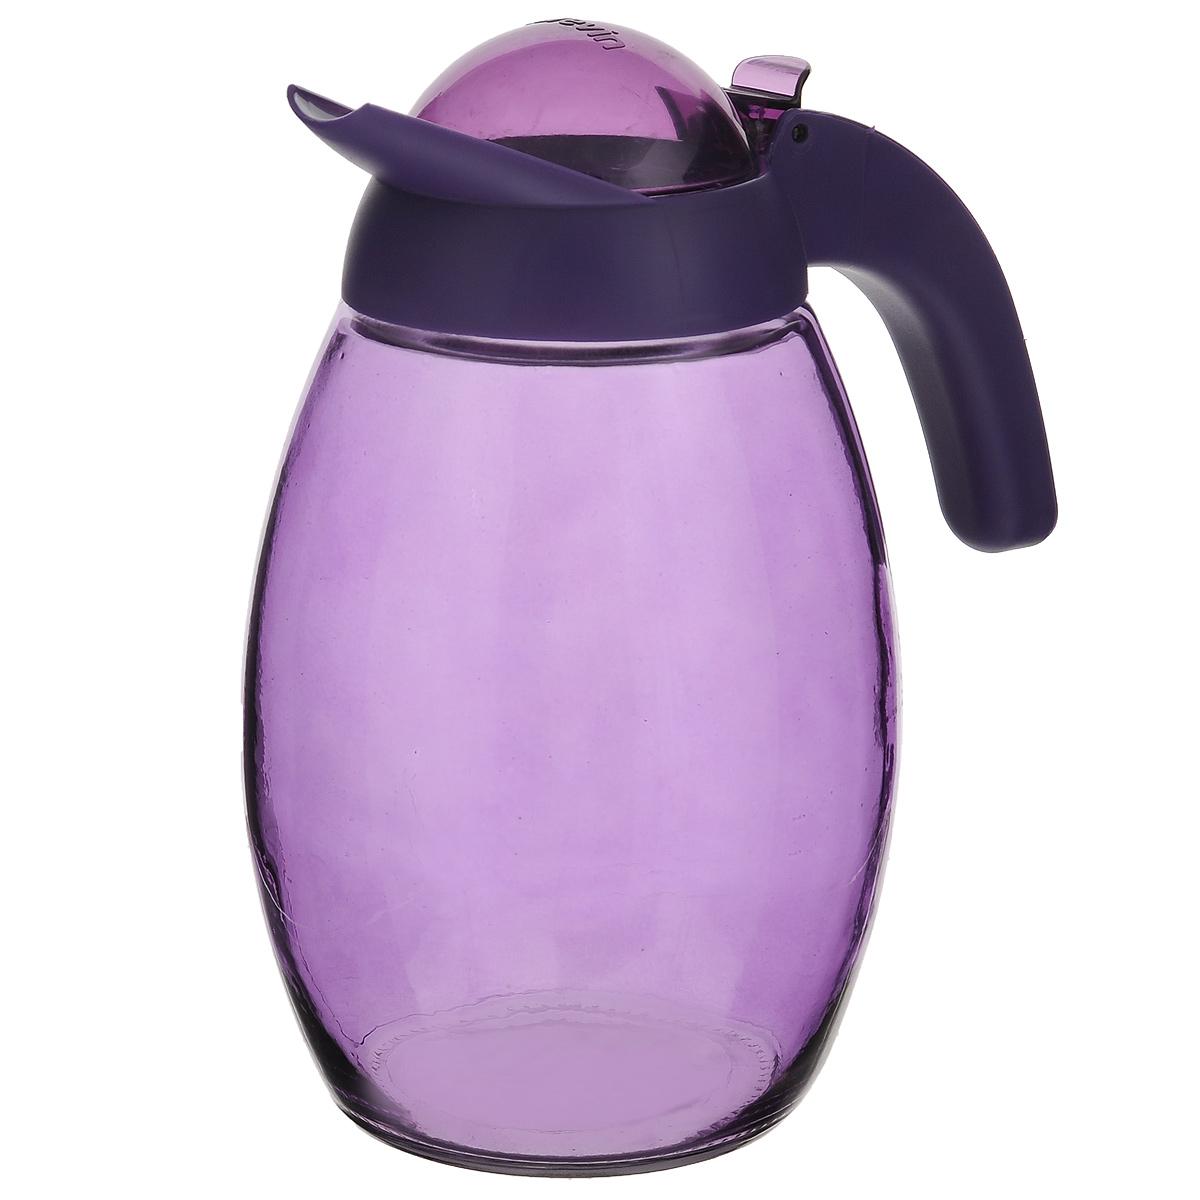 Кувшин Herevin с крышкой, цвет: фиолетовый, 1,6 л. 111311VT-1520(SR)Кувшин Herevin, выполненный из высококачественного прочного стекла, элегантно украсит ваш стол. Кувшин оснащен удобной ручкой и завинчивающейся пластиковой крышкой. Благодаря этому внутри сохраняется герметичность, и напитки дольше остаются свежими. Кувшин прост в использовании, достаточно просто наклонить его и налить ваш любимый напиток. Цветная крышка оснащена откидным механизмом для более удобного заливания жидкостей. Изделие прекрасно подойдет для подачи воды, сока, компота и других напитков. Кувшин Herevin дополнит интерьер вашей кухни и станет замечательным подарком к любому празднику.Диаметр (по верхнему краю): 6 см.Высота кувшина (без учета крышки): 18,5 см.